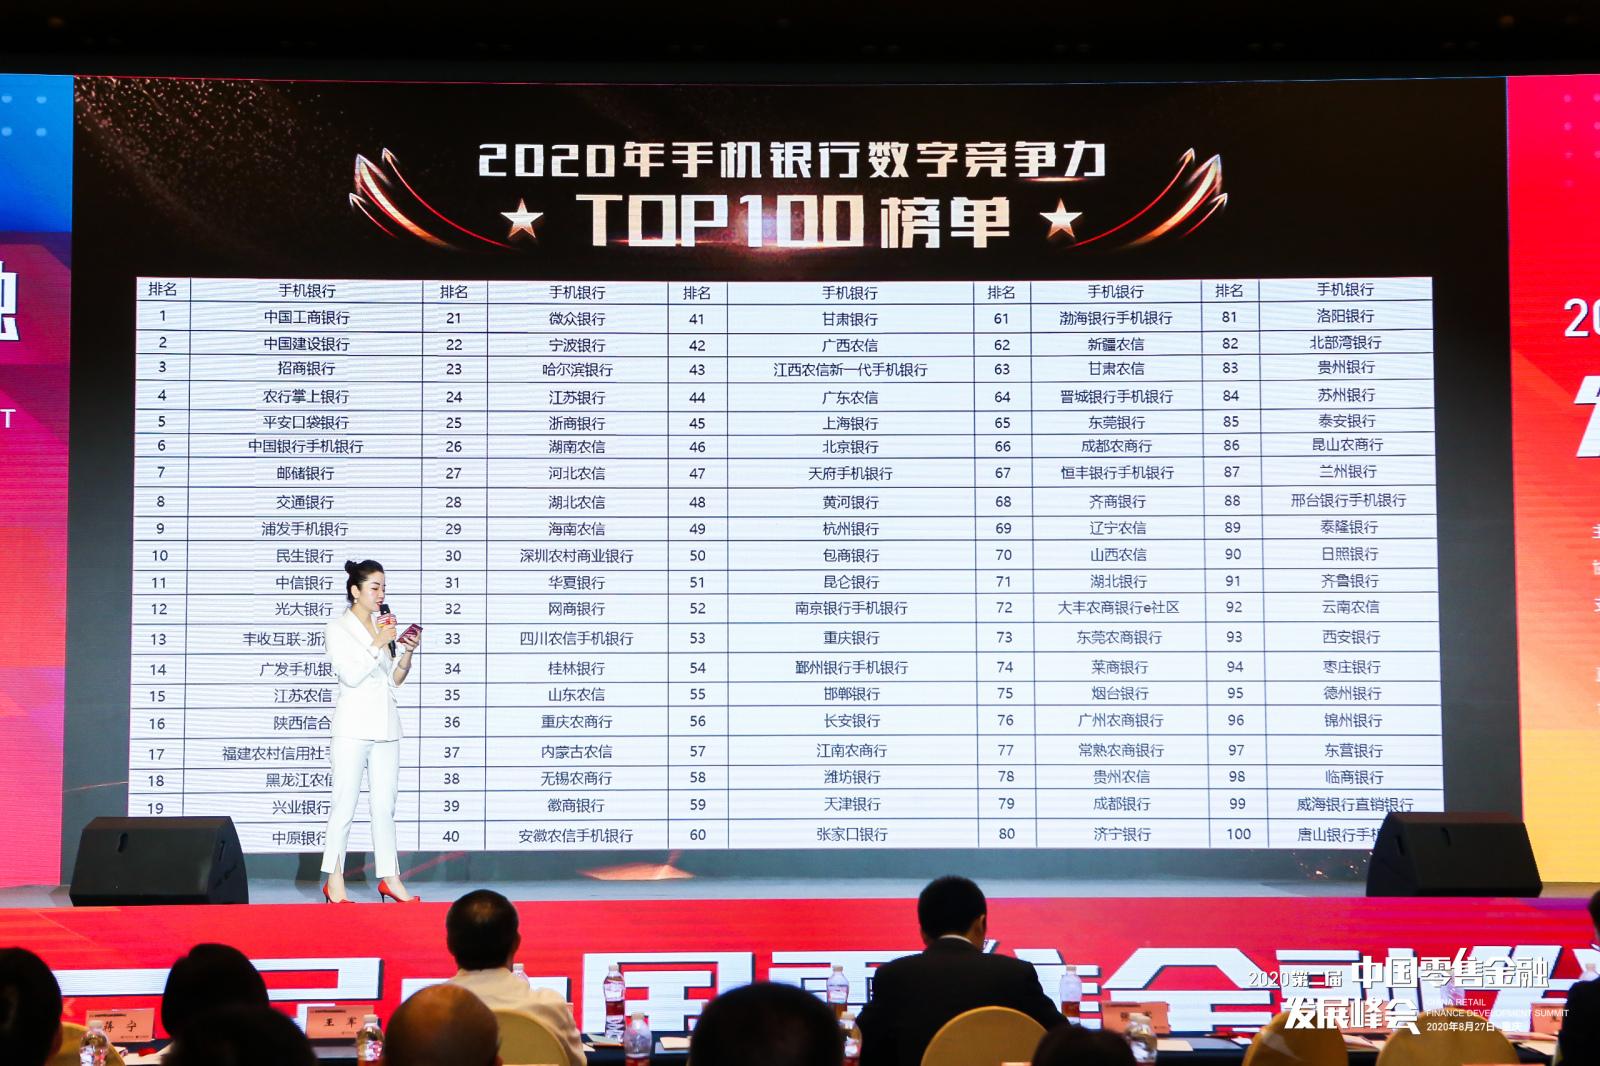 """零壹智库在重庆发布""""2020年手机银行数字竞争力TOP 100""""榜单"""